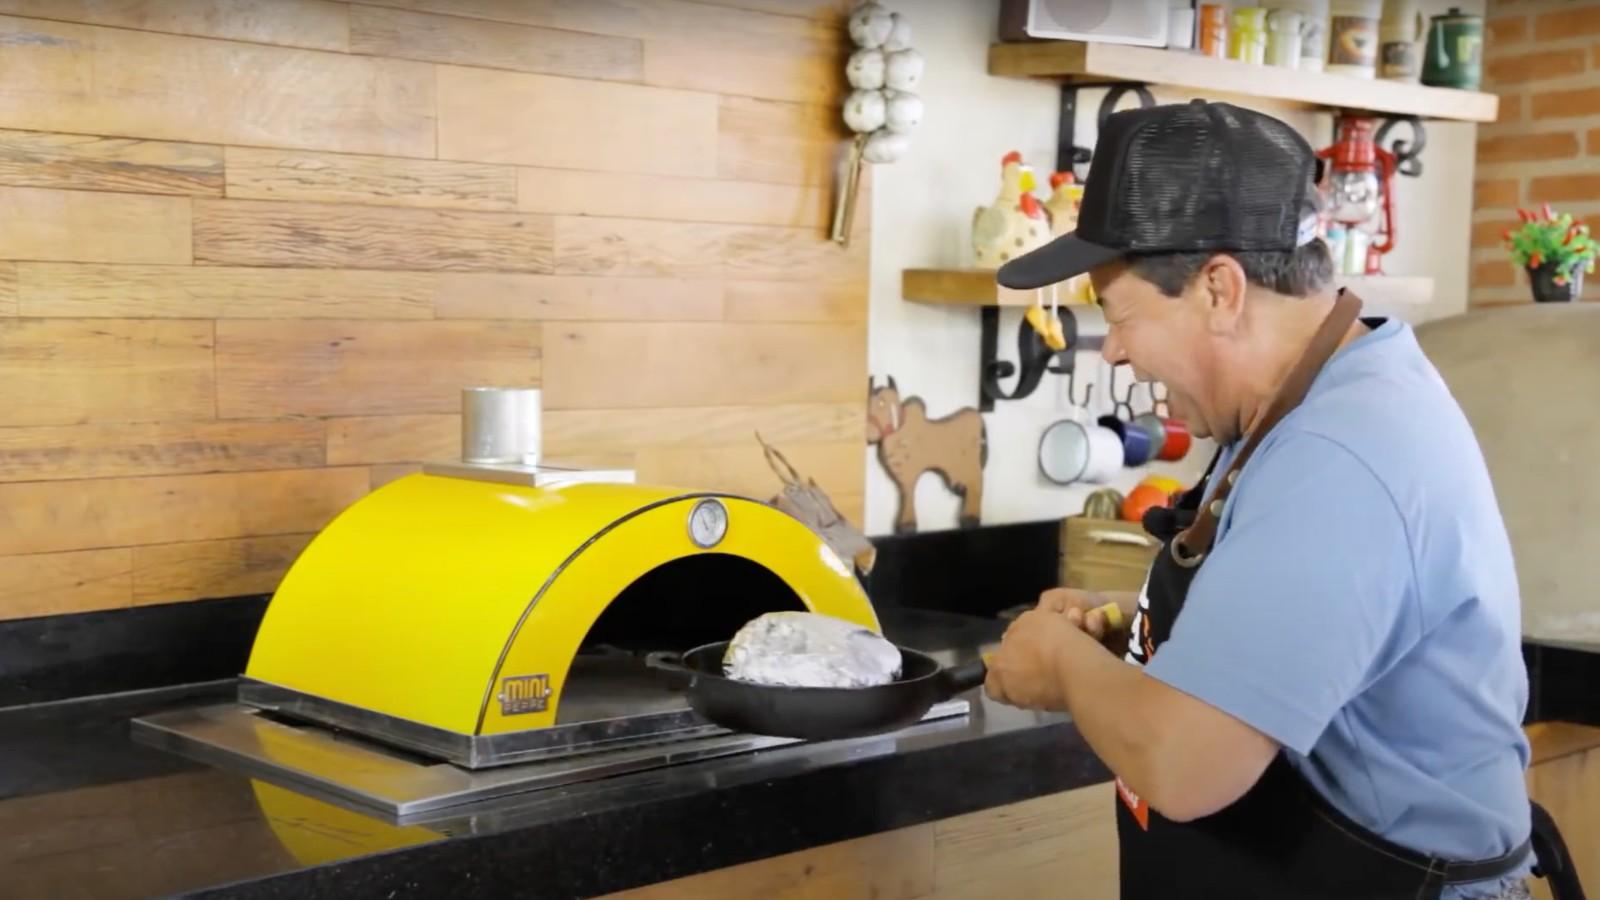 Forno portátil Grill Land Mini Peppe é sinônimo de praticidade e versatilidade